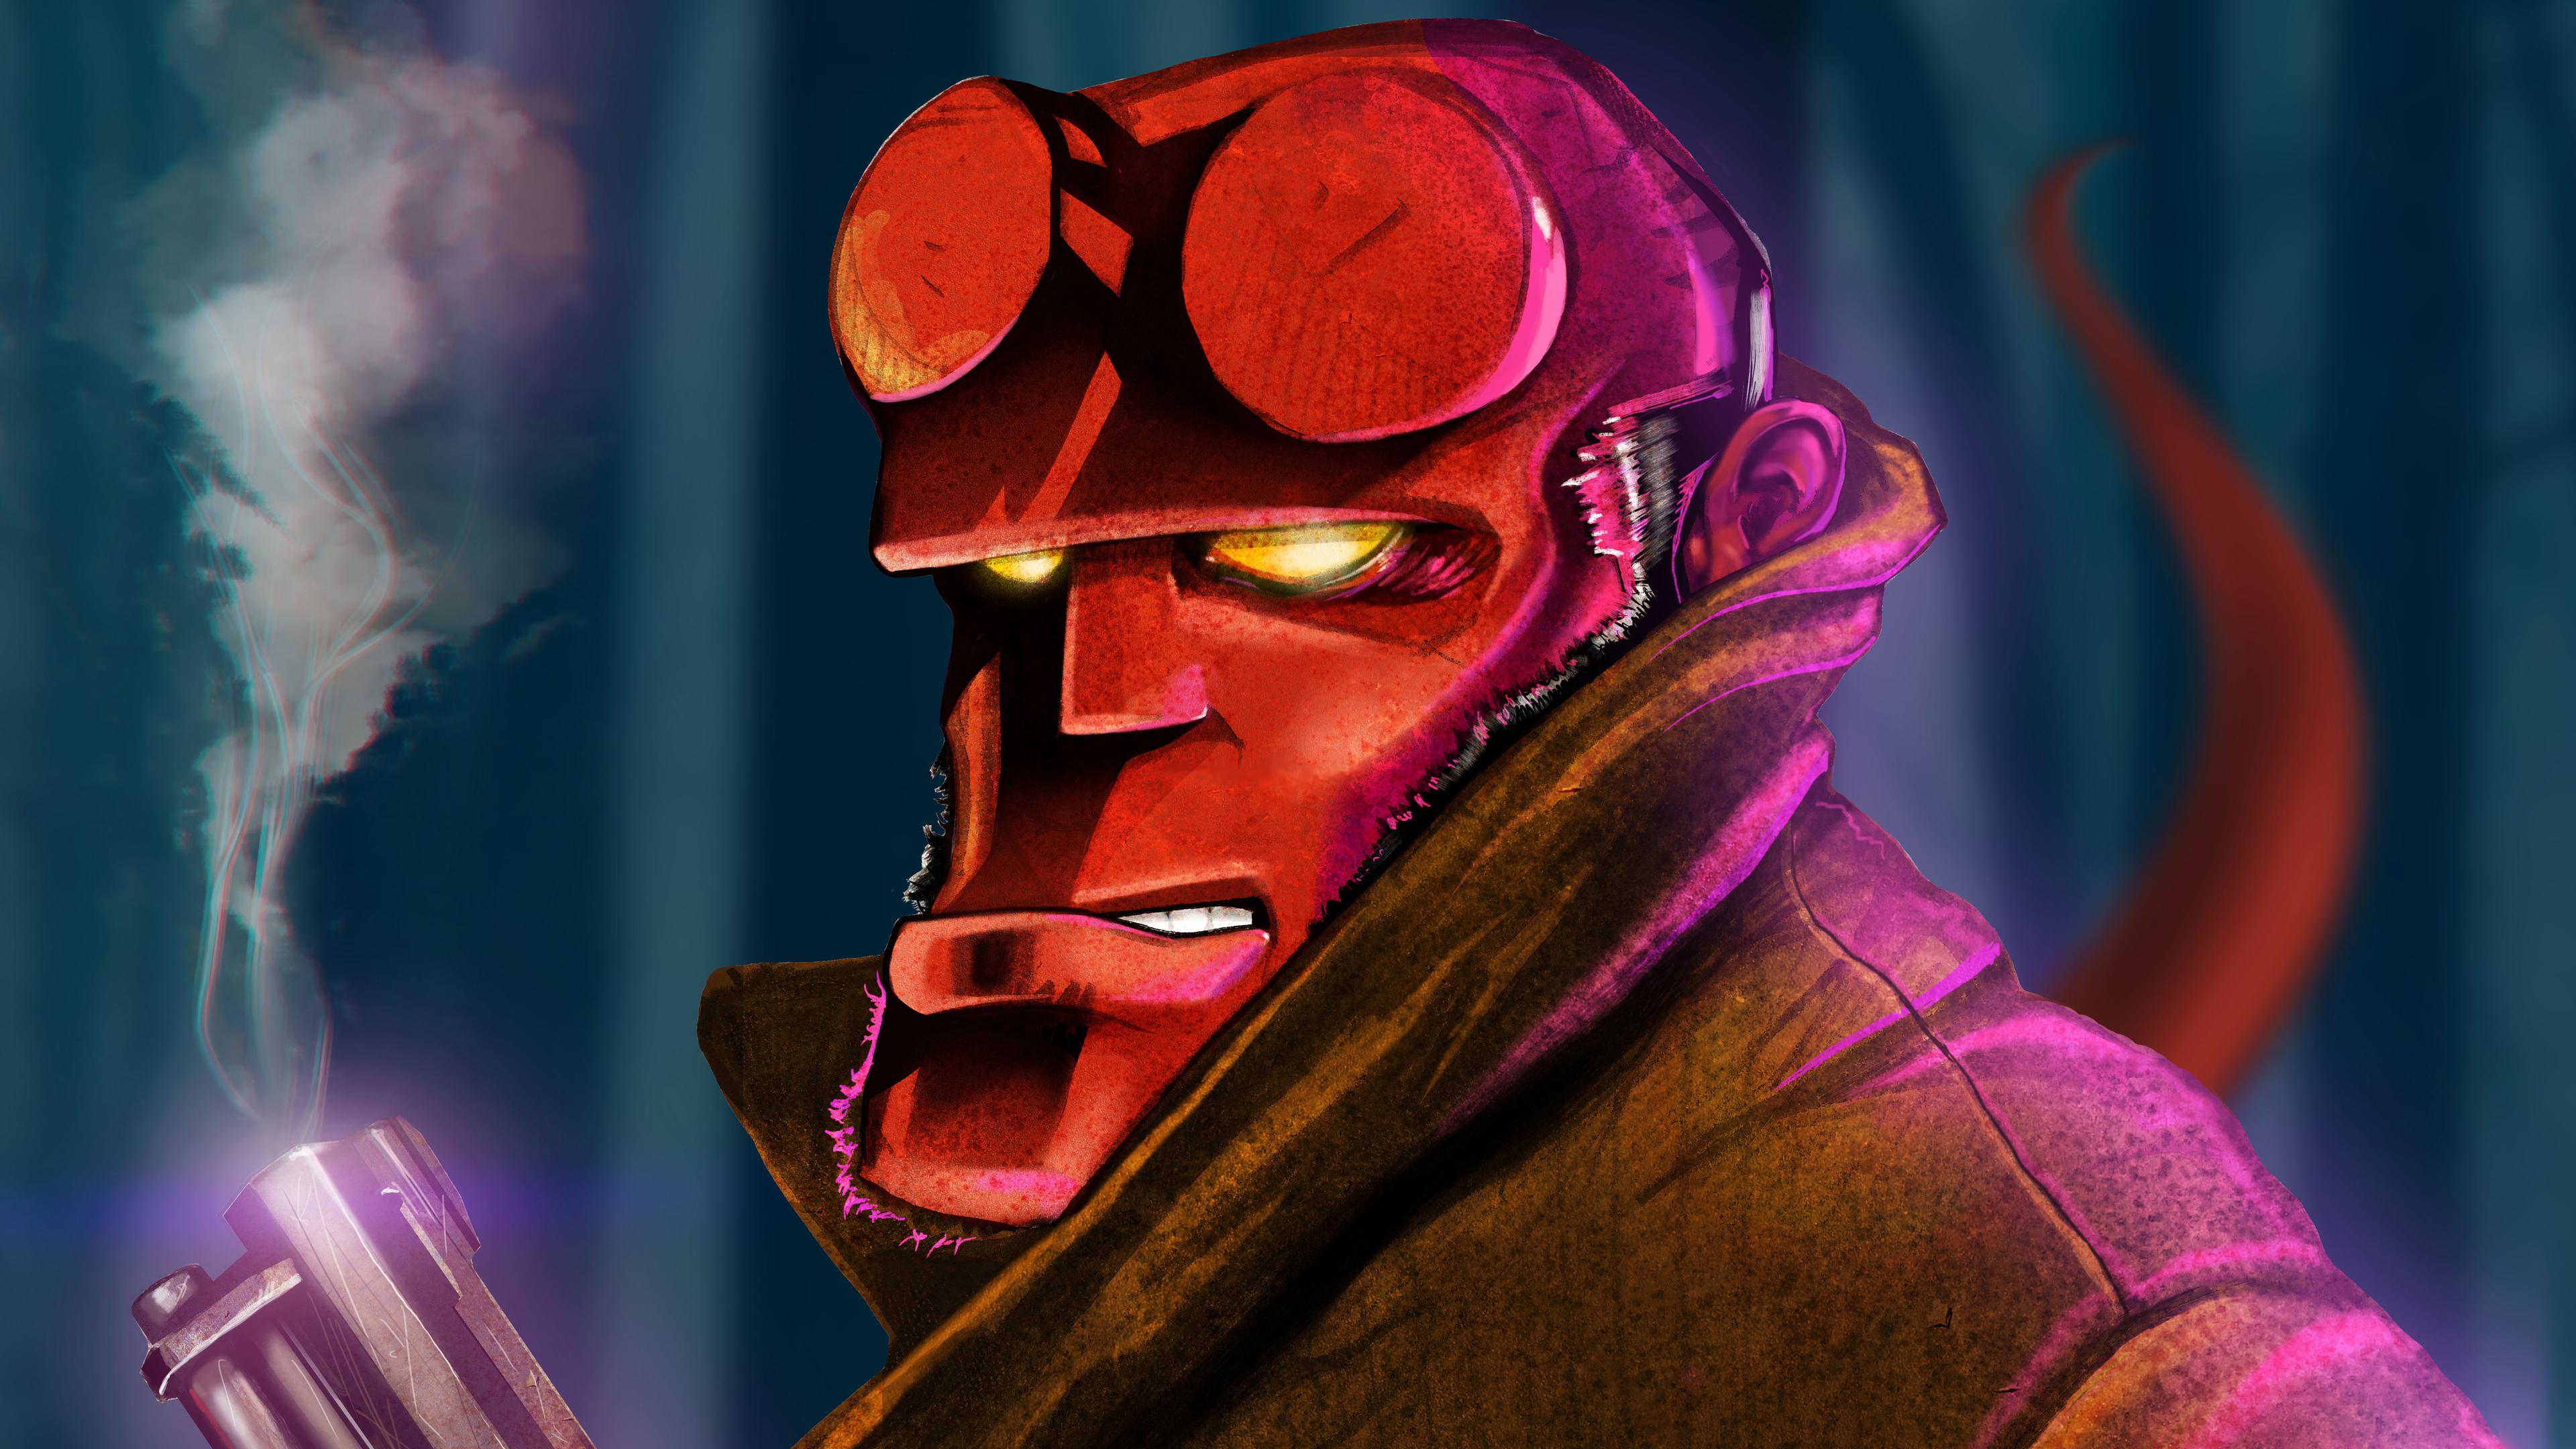 hellboy 4k 1544923151 - Hellboy 4k - superheroes wallpapers, hellboy wallpapers, hd-wallpapers, artwork wallpapers, 4k-wallpapers